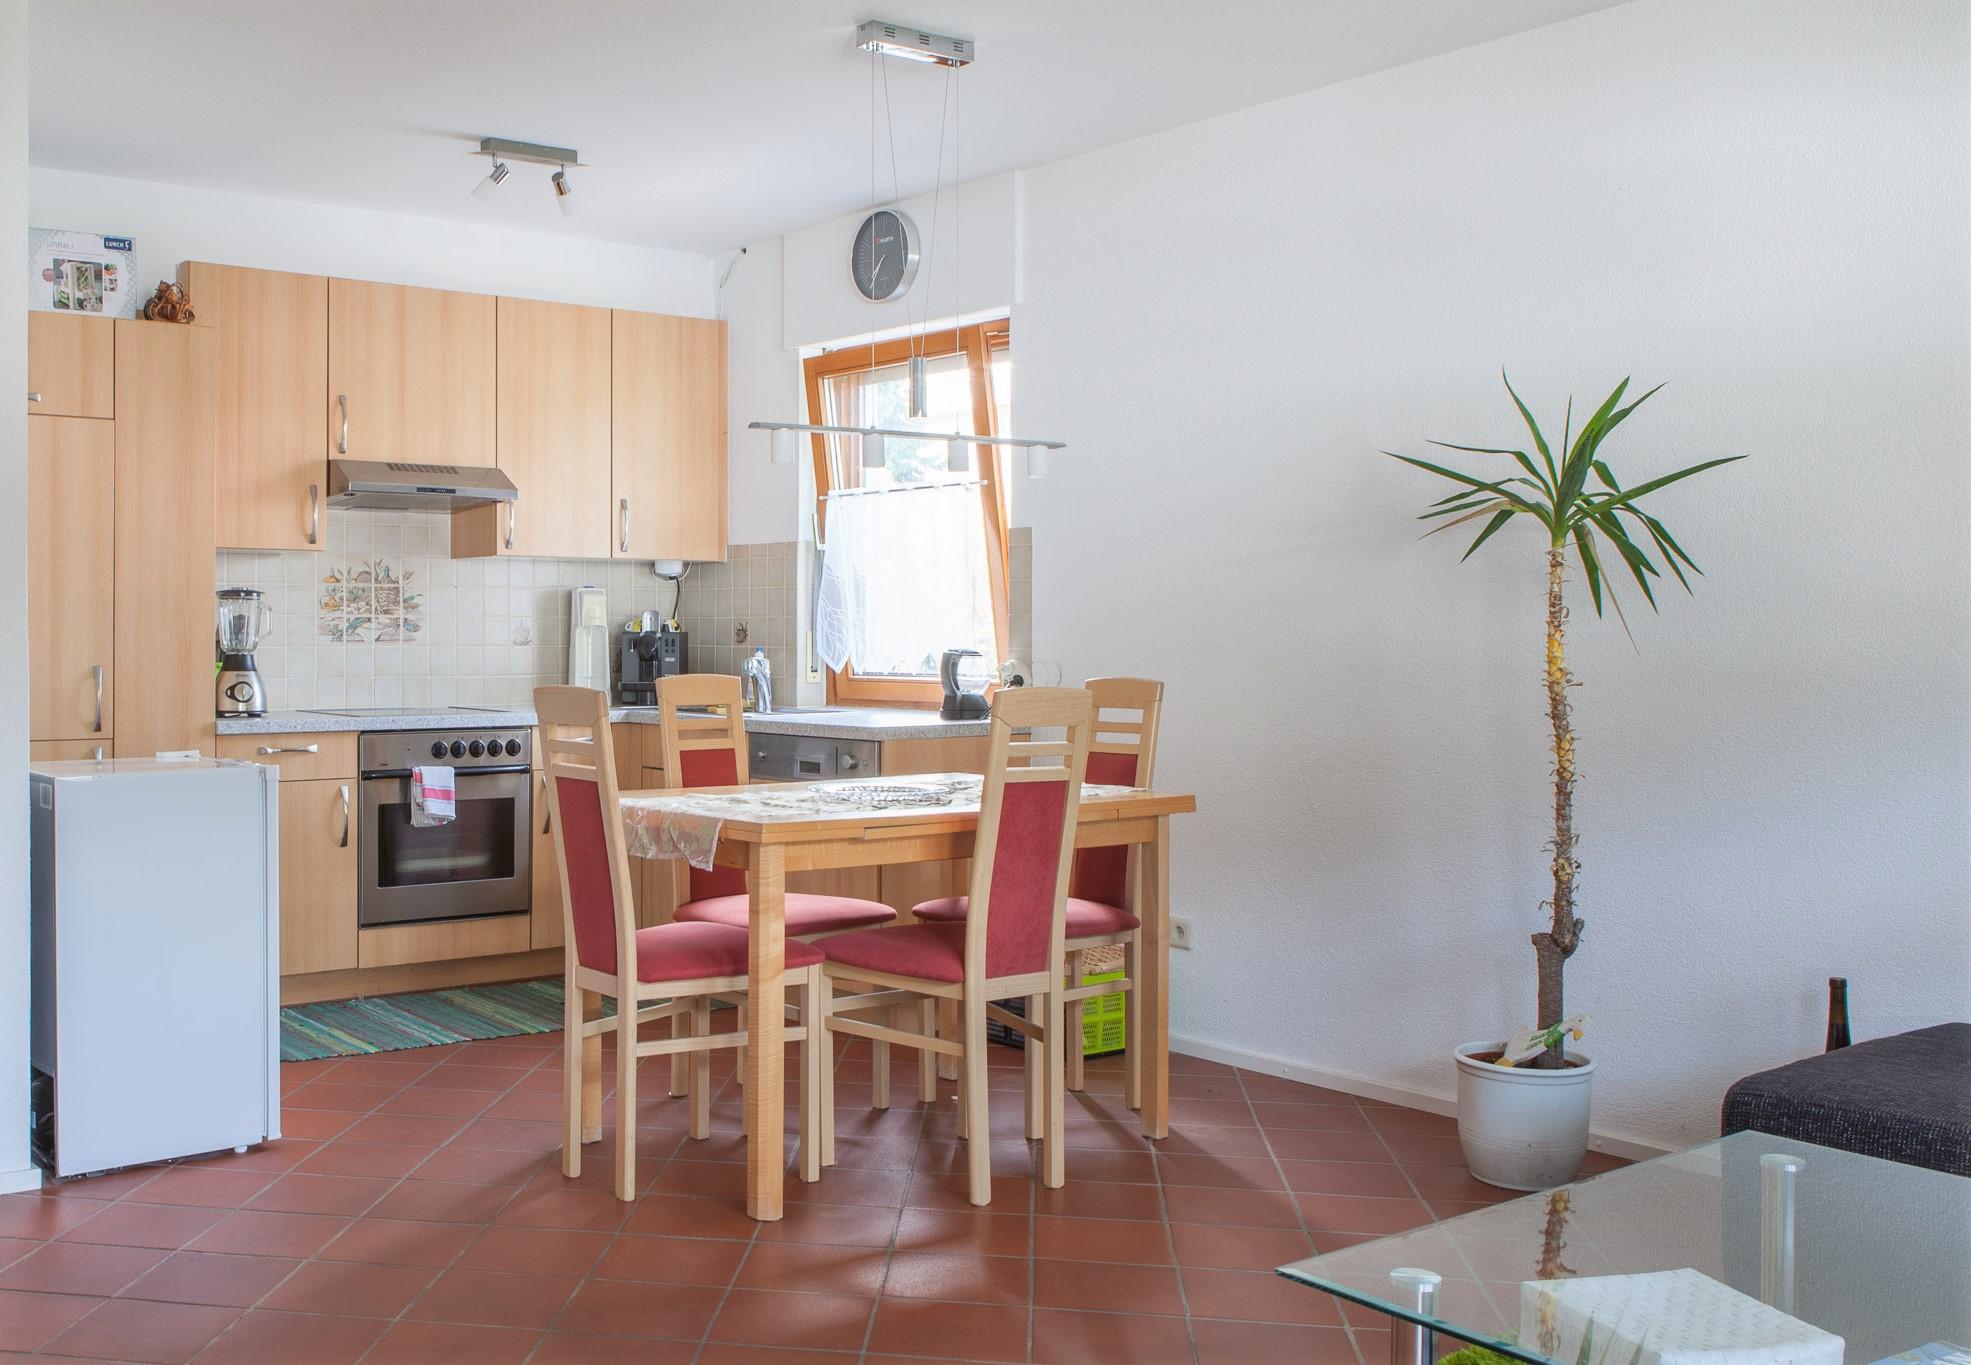 kochen ihre immobilienmakler aus feldkirch f r ganz. Black Bedroom Furniture Sets. Home Design Ideas